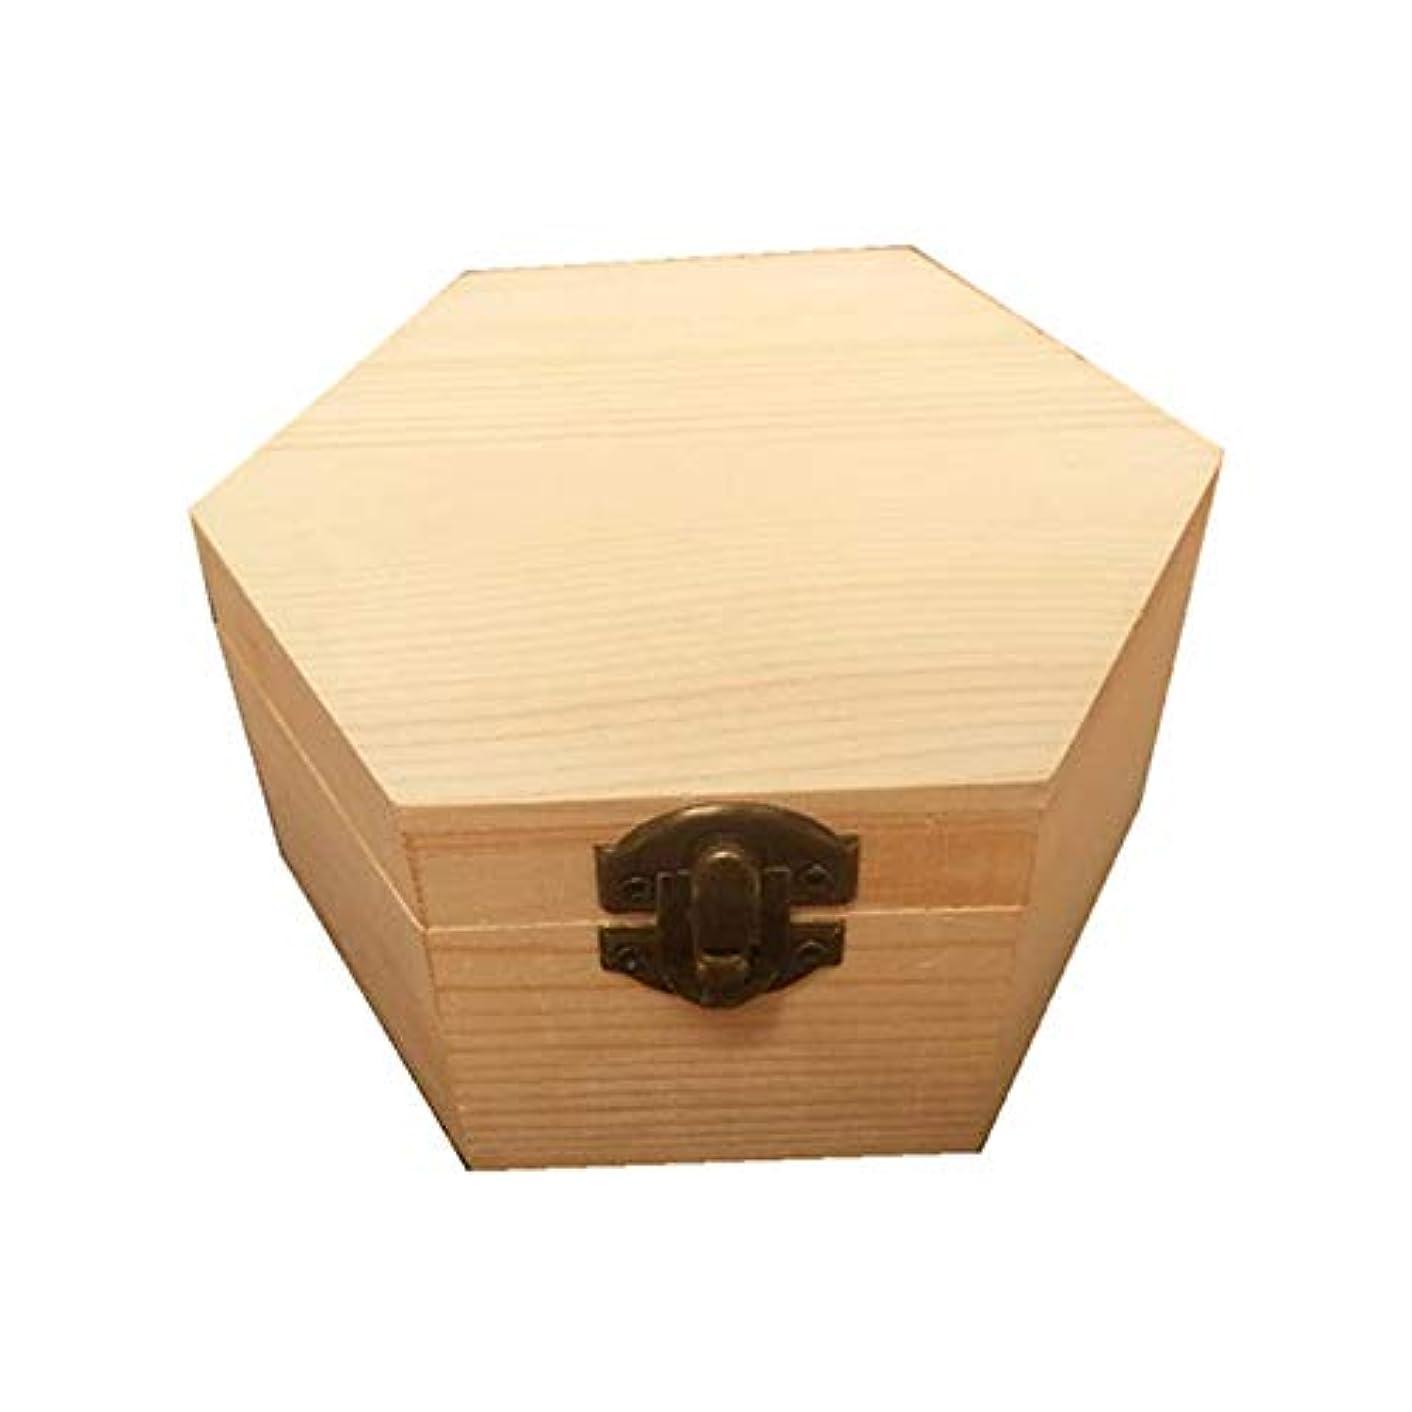 ラフ睡眠聖職者ジョリー手作りの木製ギフトボックスパーフェクトエッセンシャルオイルケースにエッセンシャルオイル アロマセラピー製品 (色 : Natural, サイズ : 13X11.3X6.8CM)